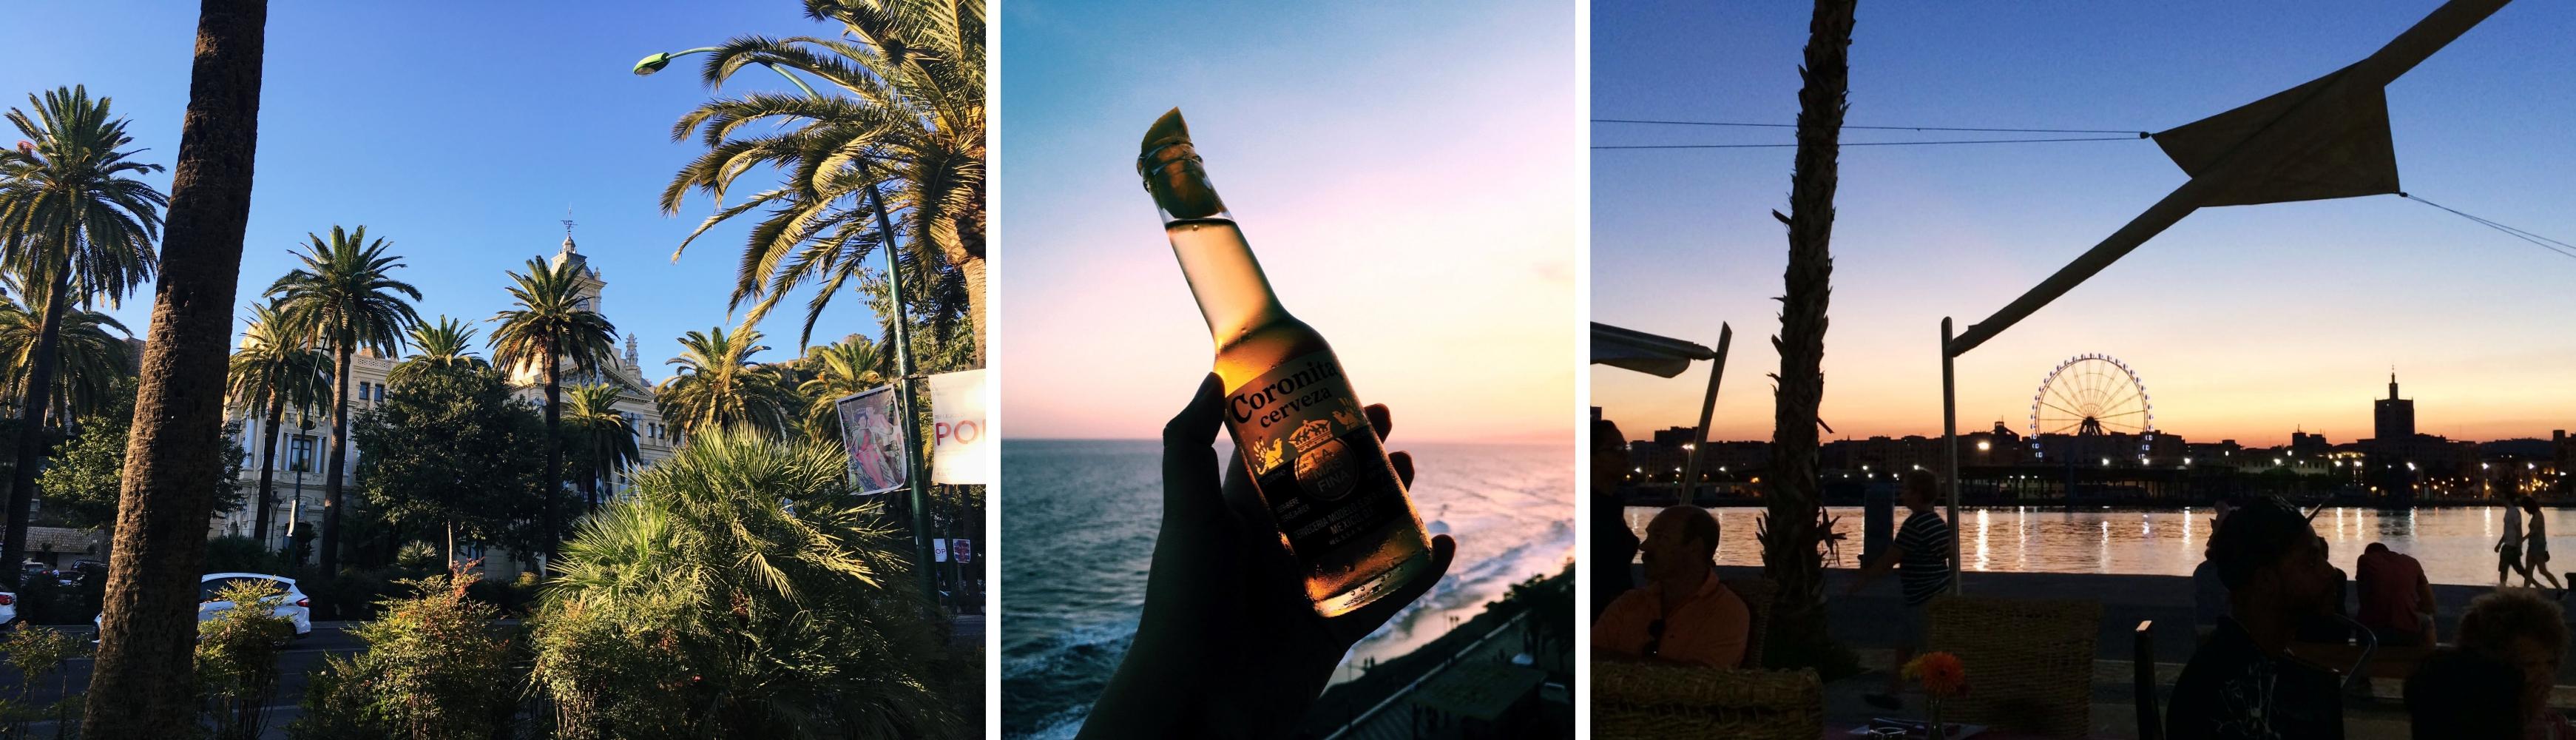 InsideFlyer Wochenrückblick Ein perfekter Tag in Malaga